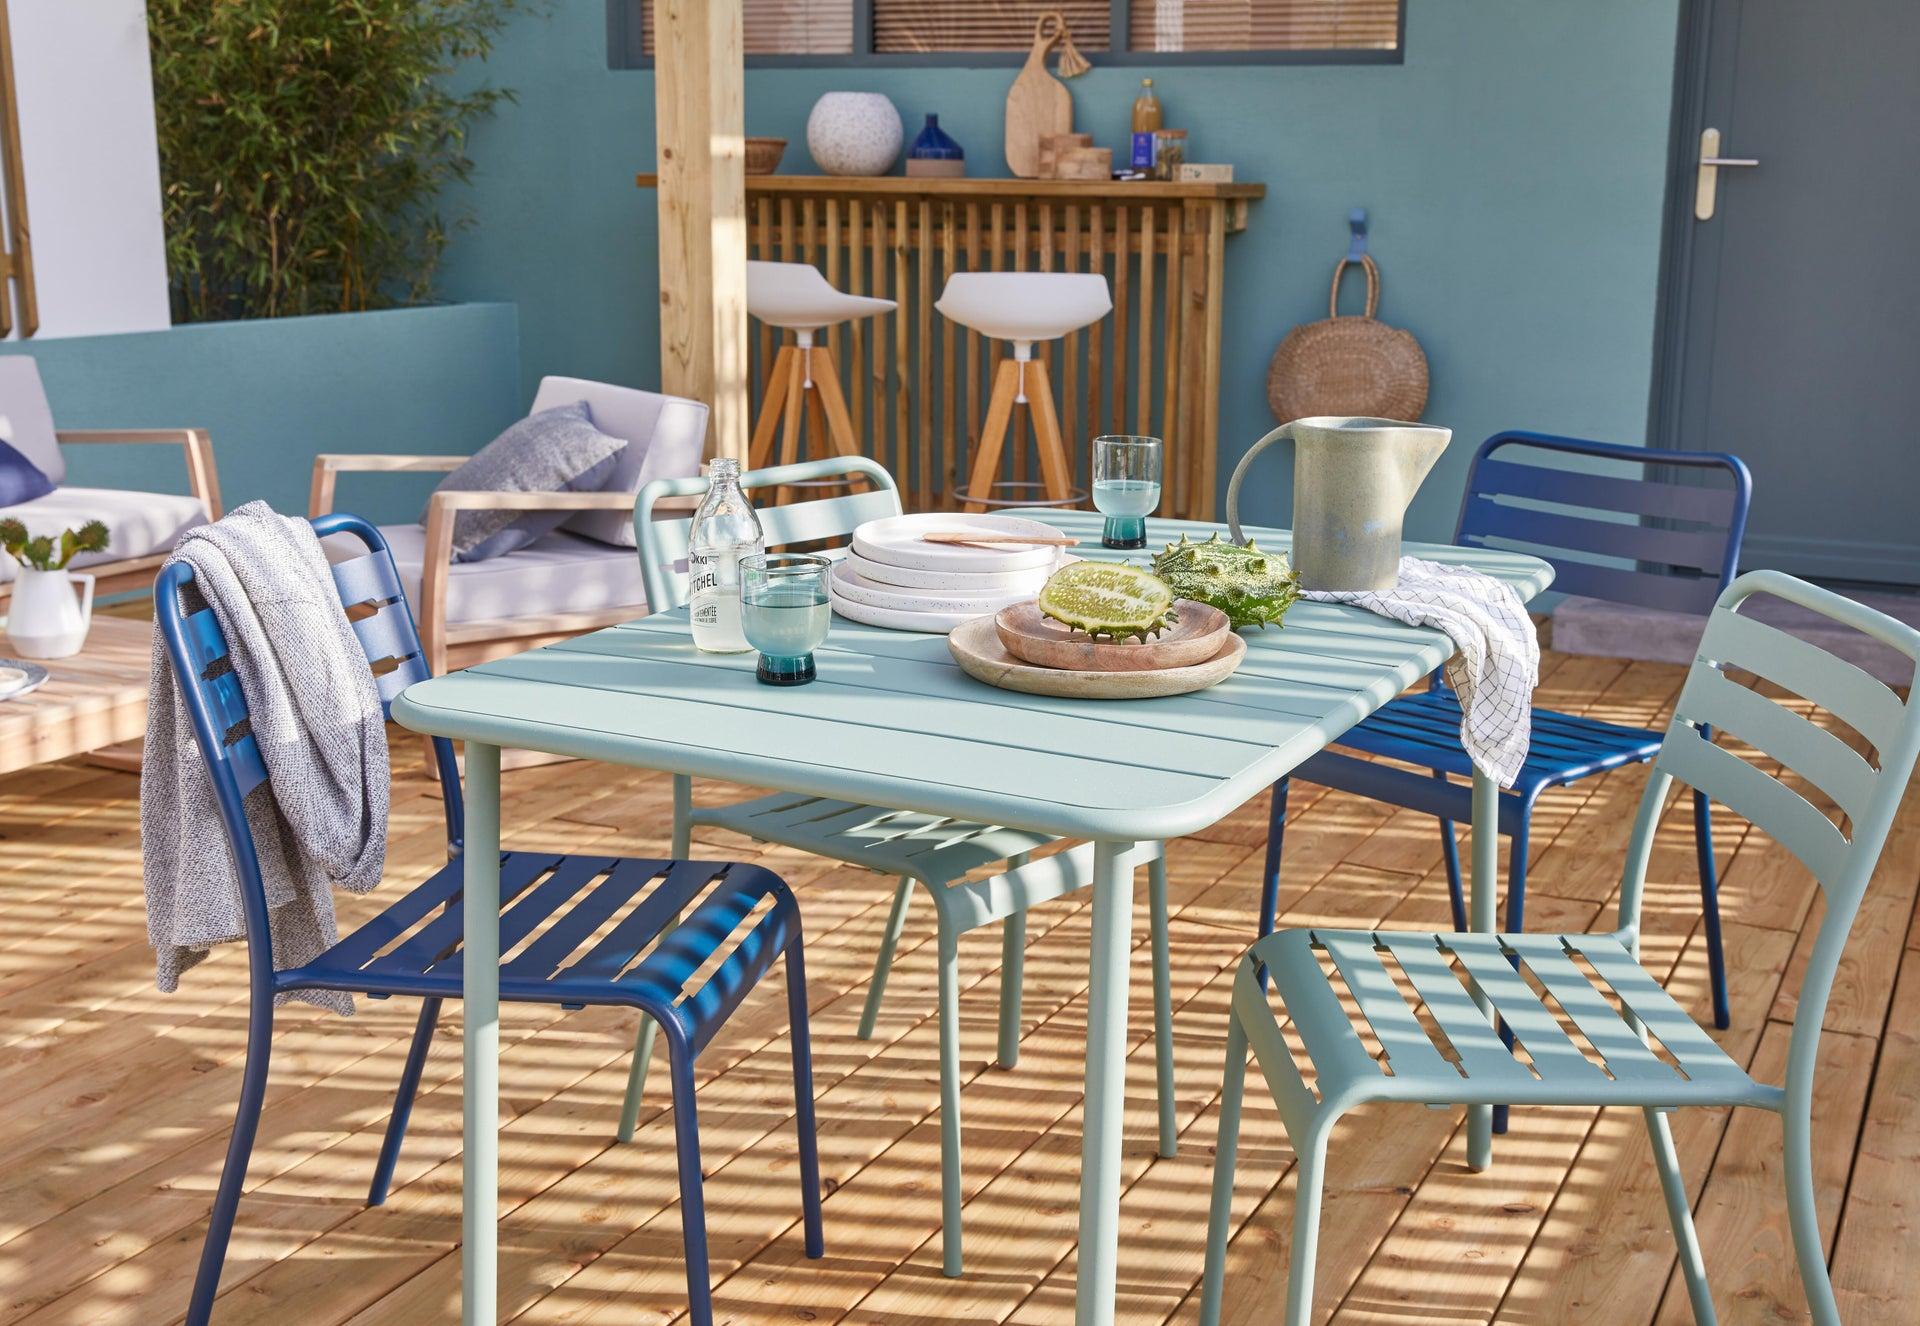 Tavolo da giardino rettangolare Cafe con piano in metallo L 70 x P 120 cm - 2